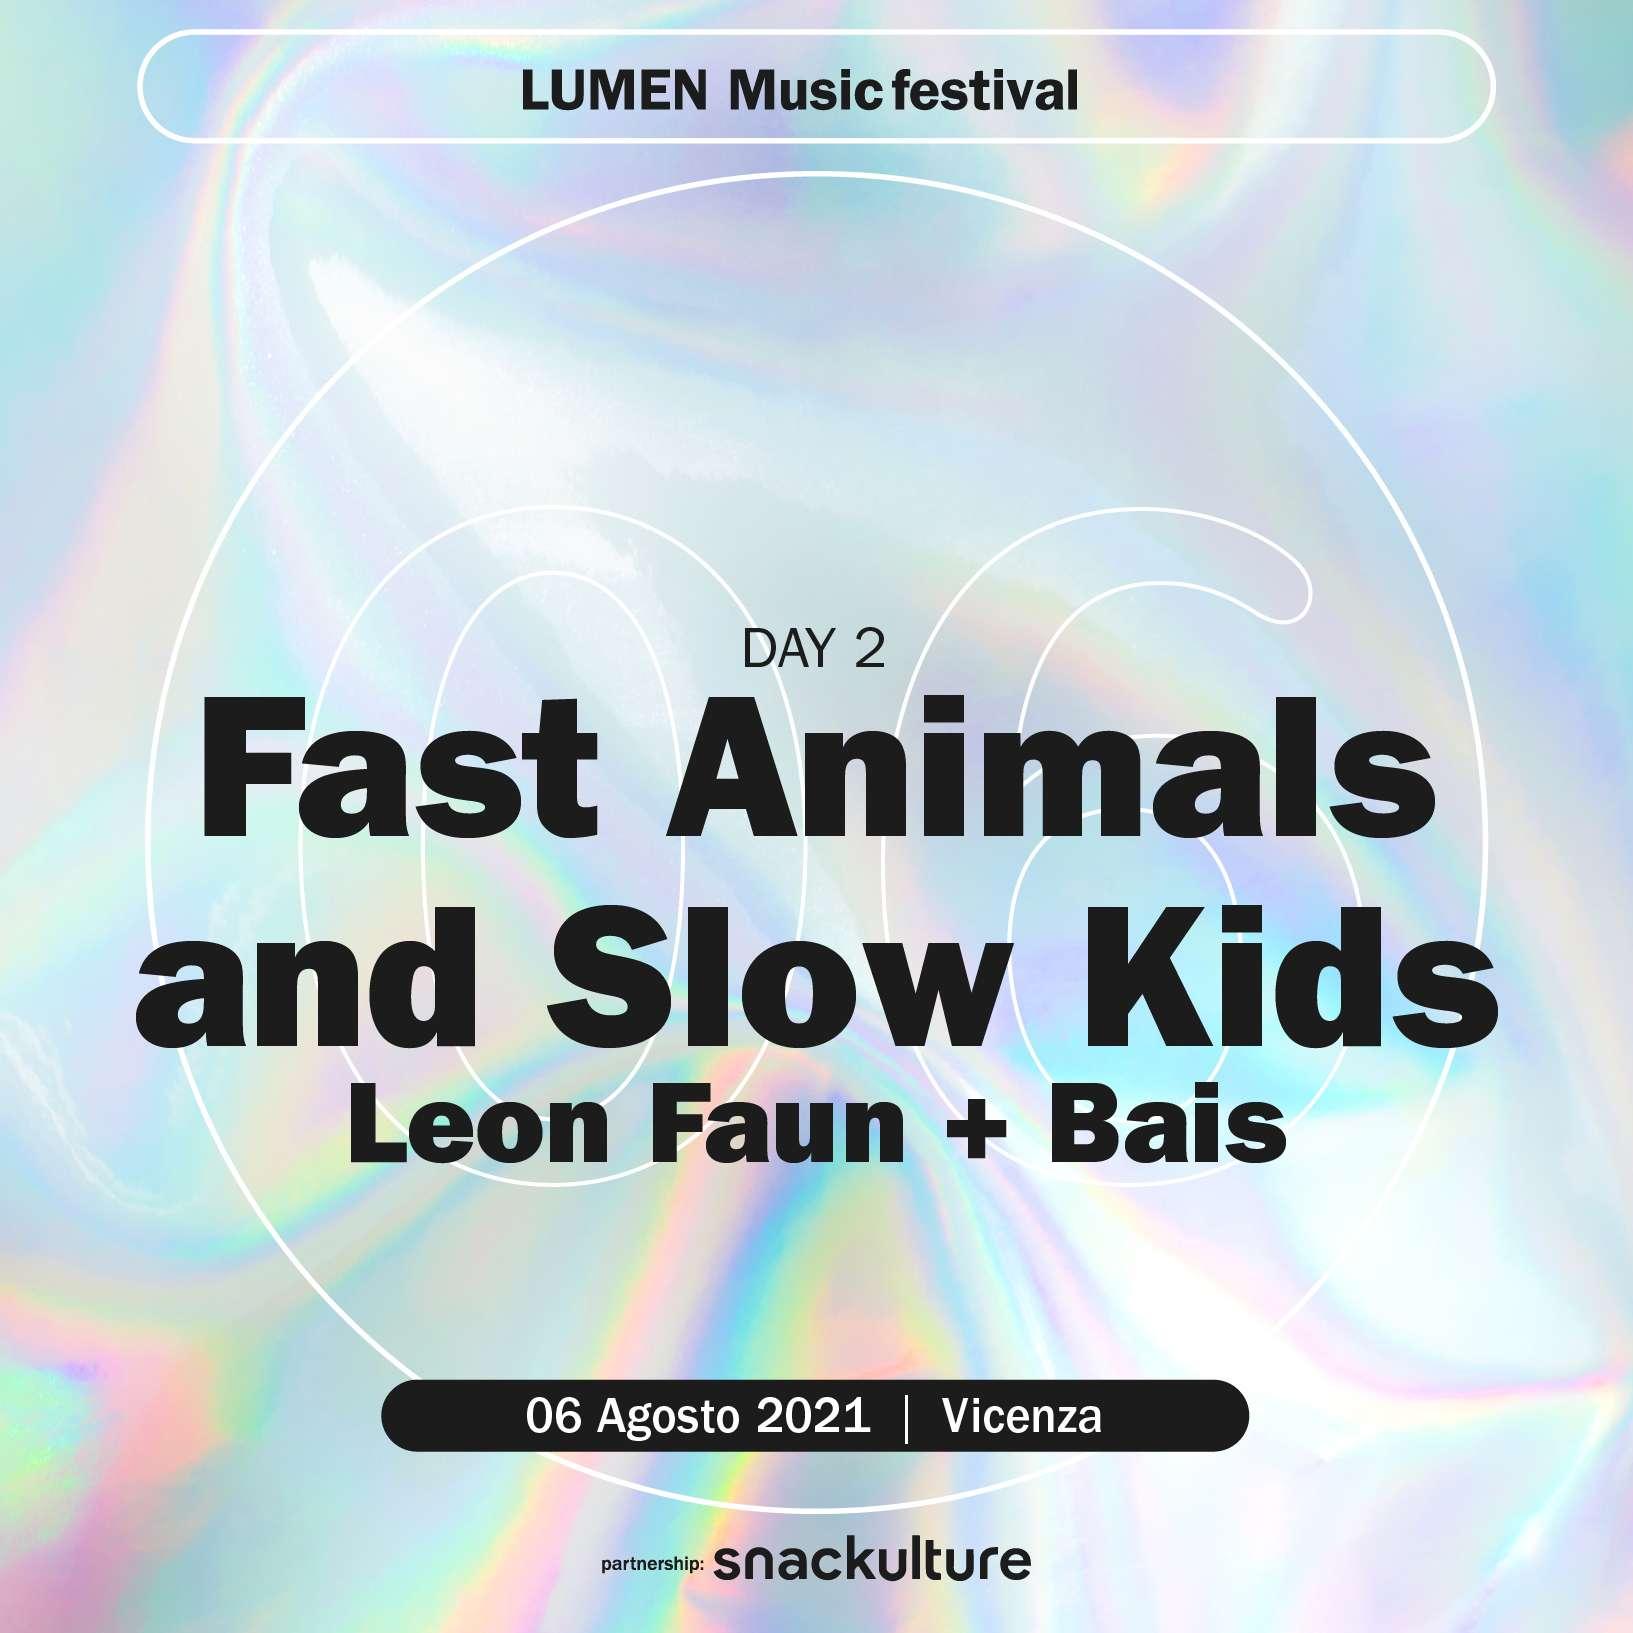 DAY 2 - Lumen Festival 2021 Spark / VI